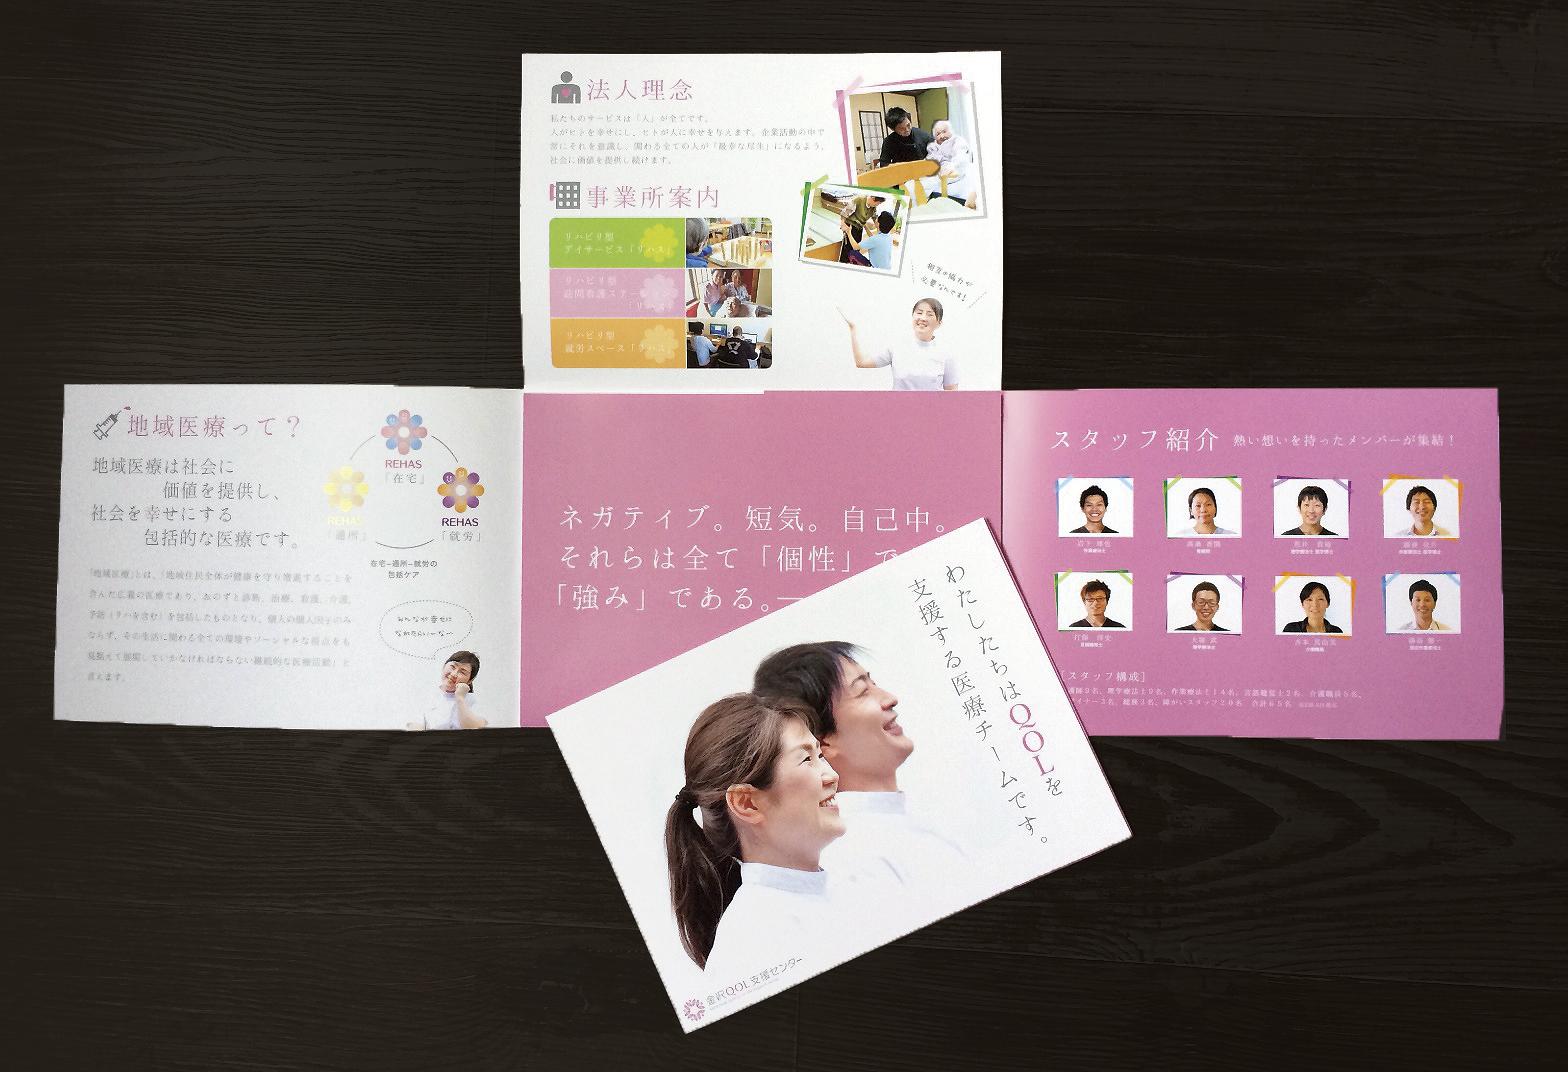 金沢QOL支援センター パンフレット